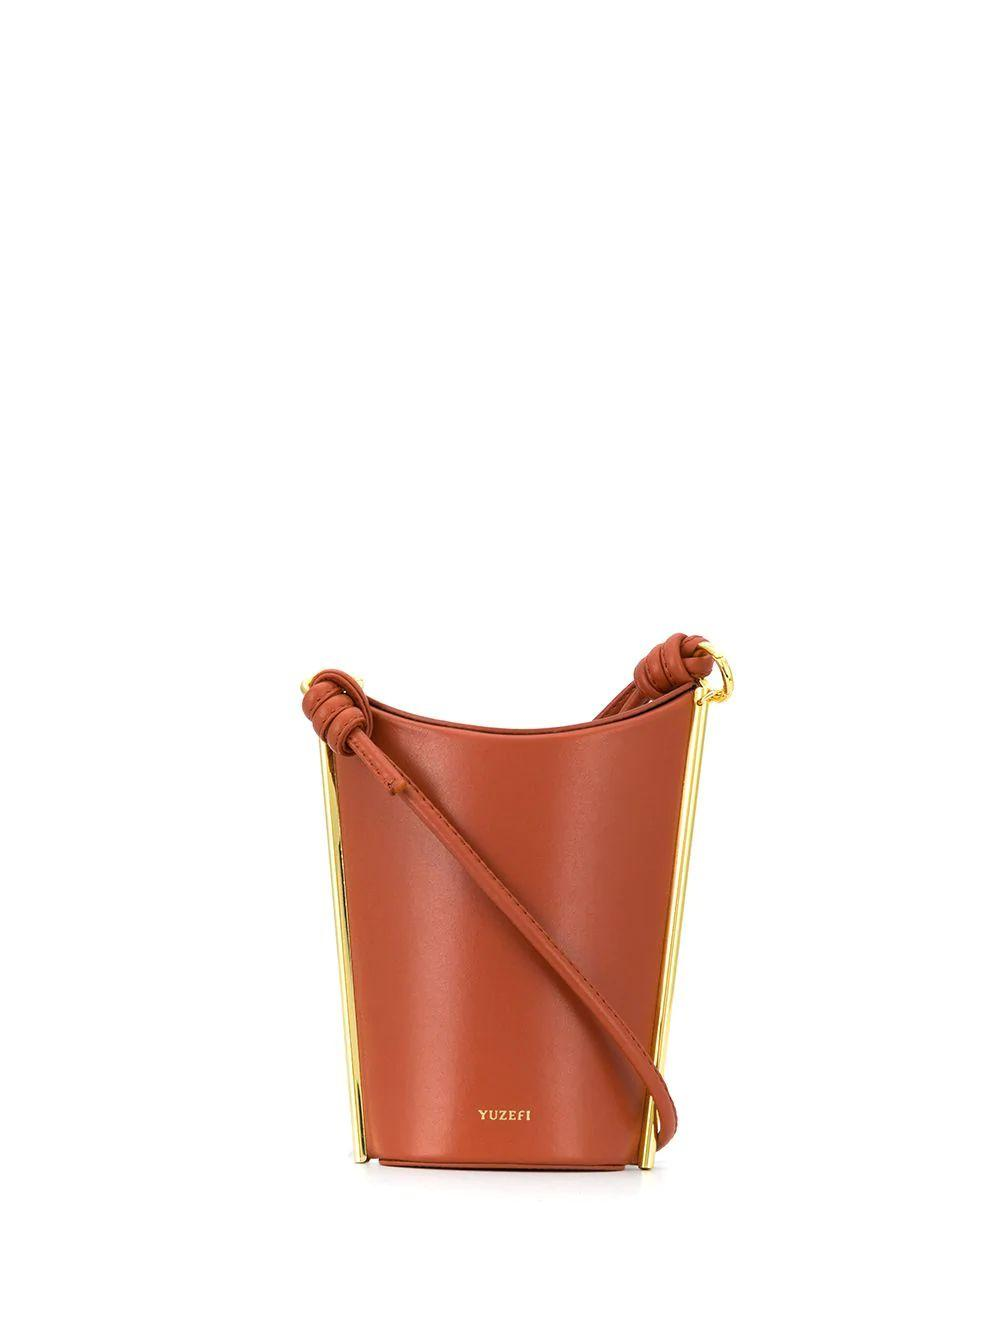 Pitta Bucket Bag Item # YUZPF20-PB-01